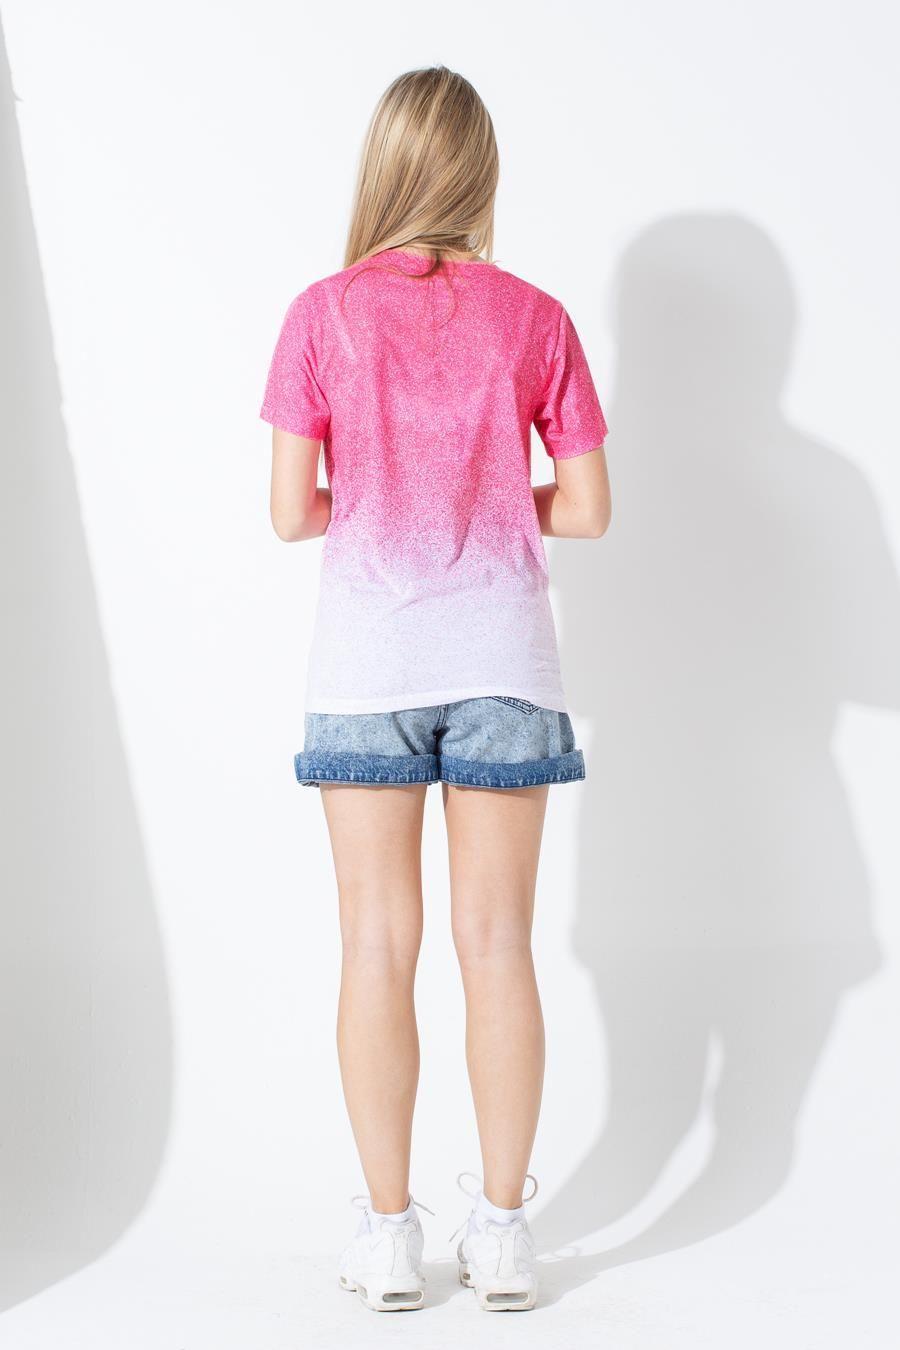 Speckle Fade Kids T-Shirt